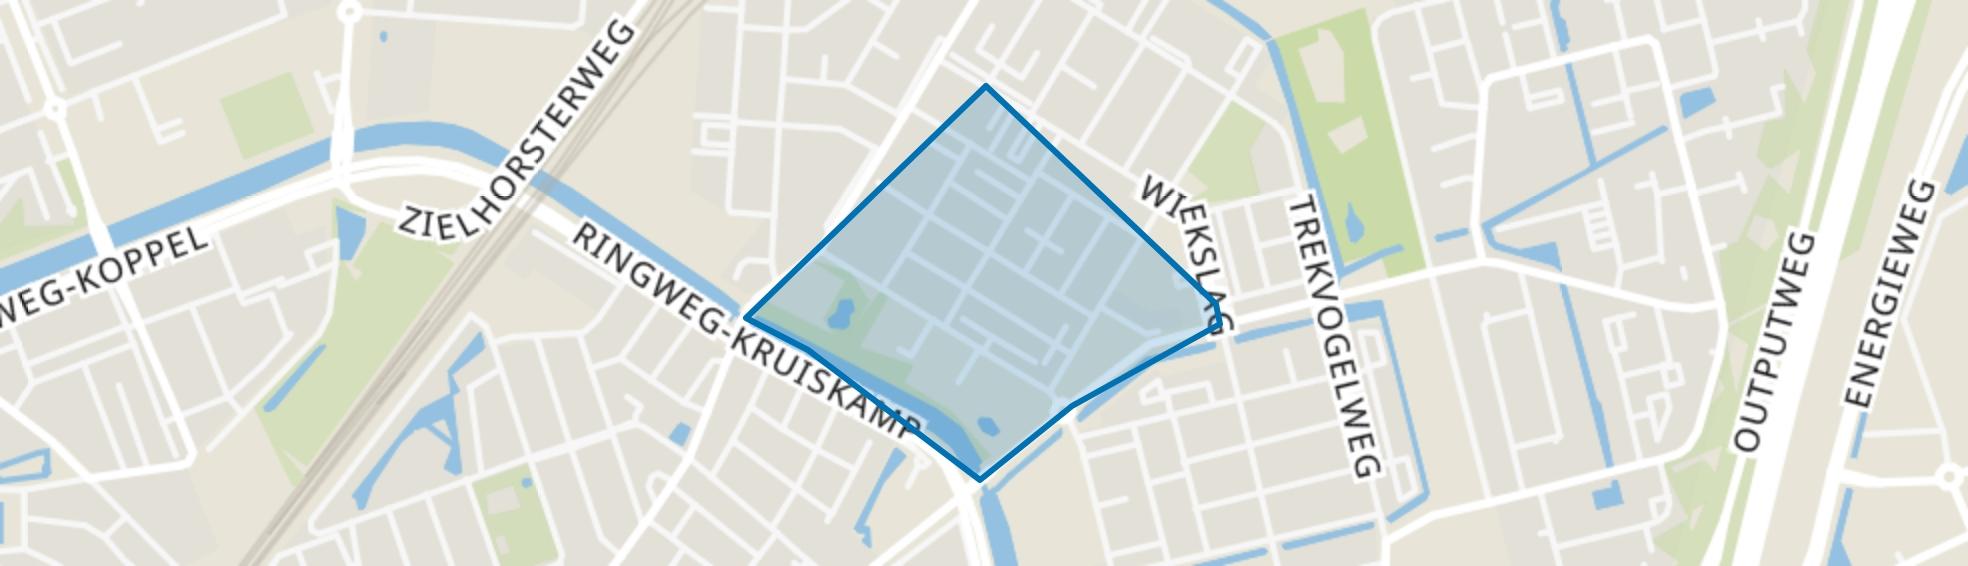 Vinkenbaan, Amersfoort map